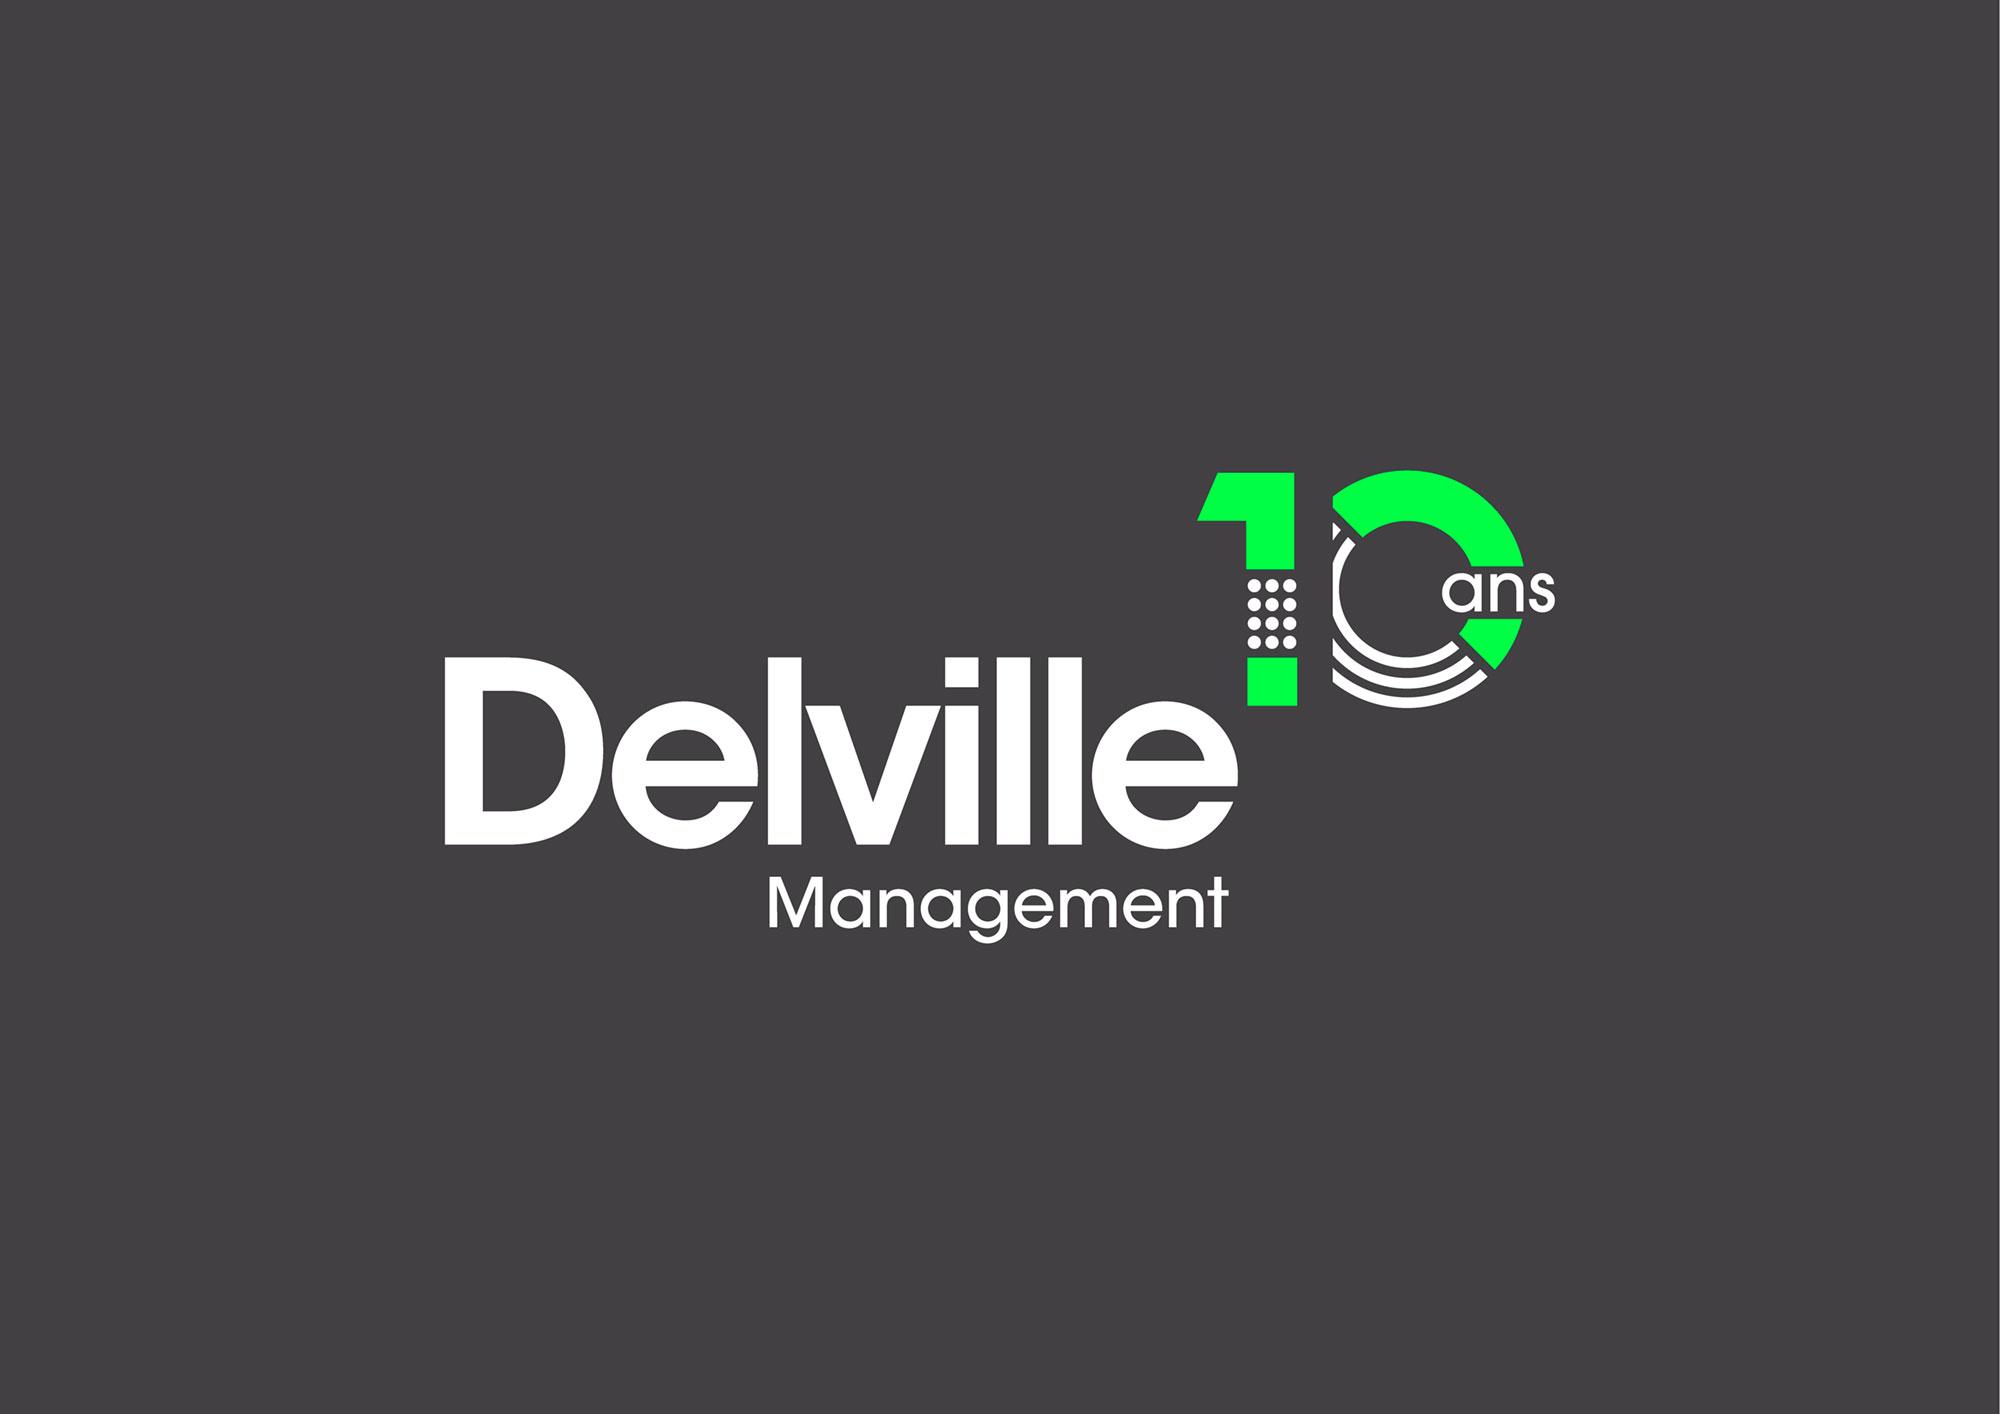 Logo Delville 10 ans fond gris